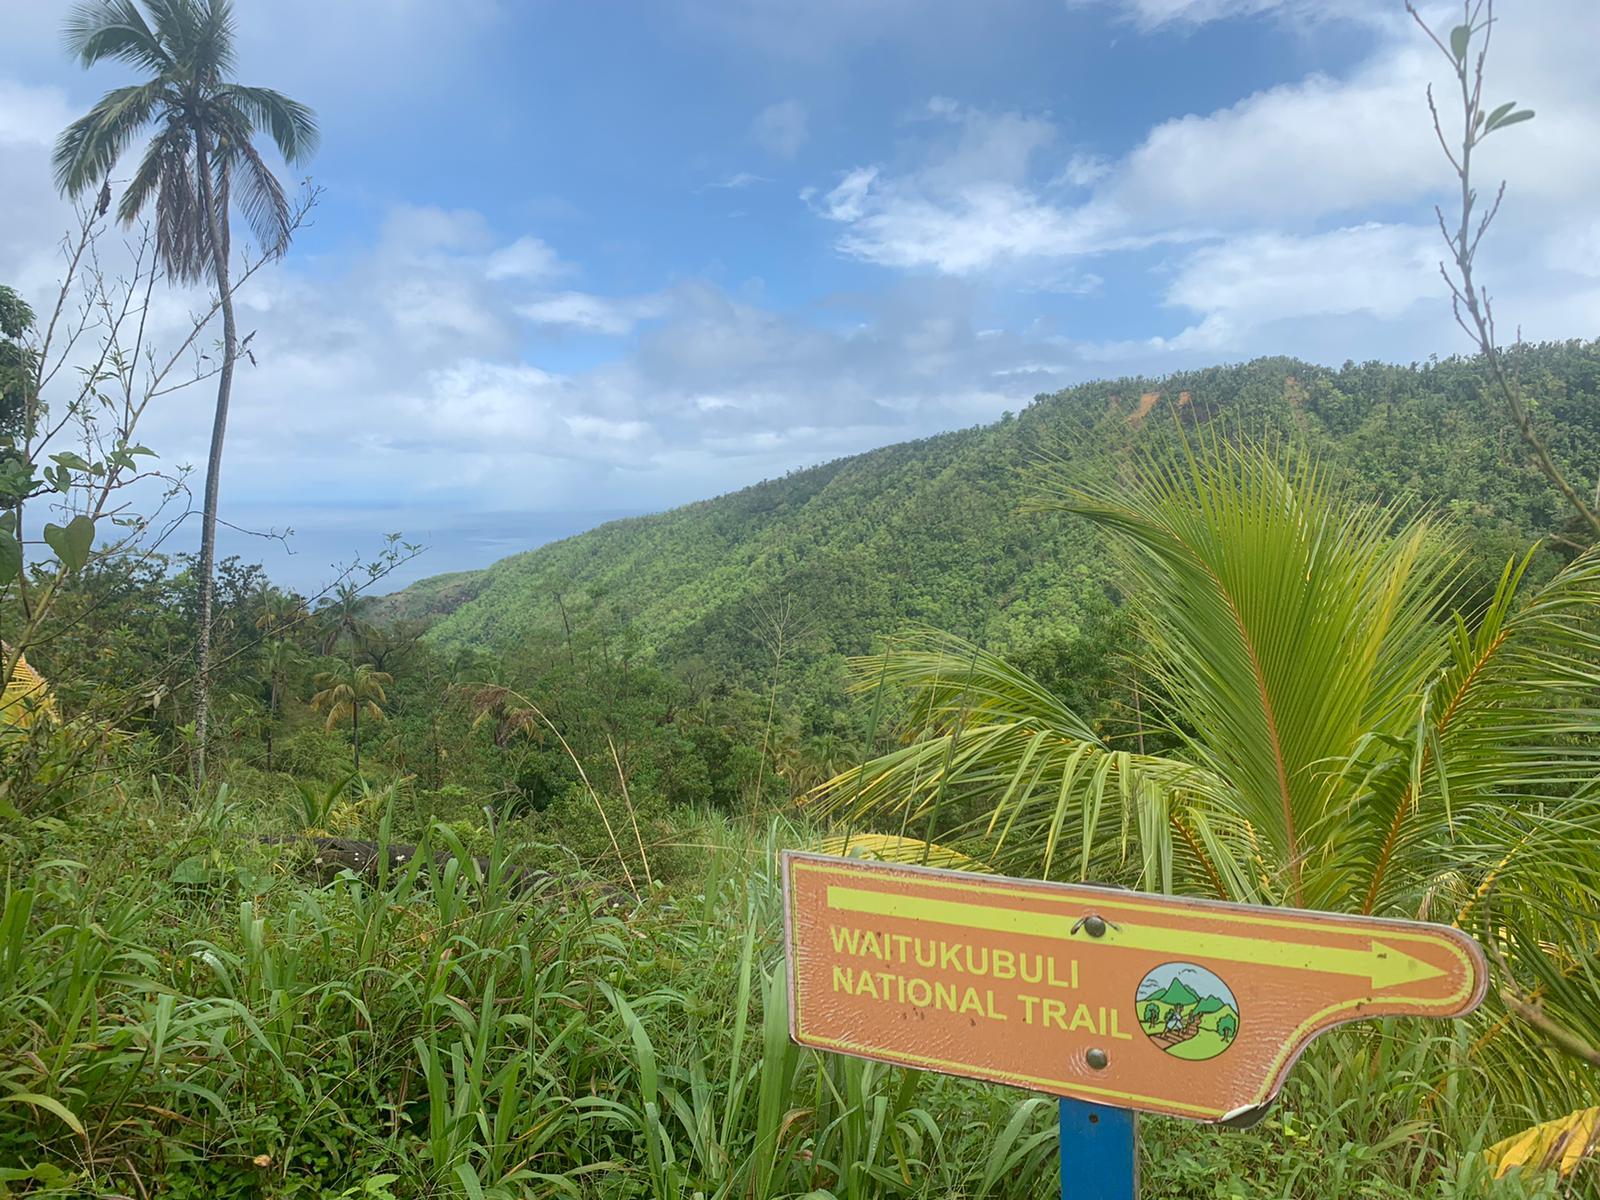 Waitukubuli Trail